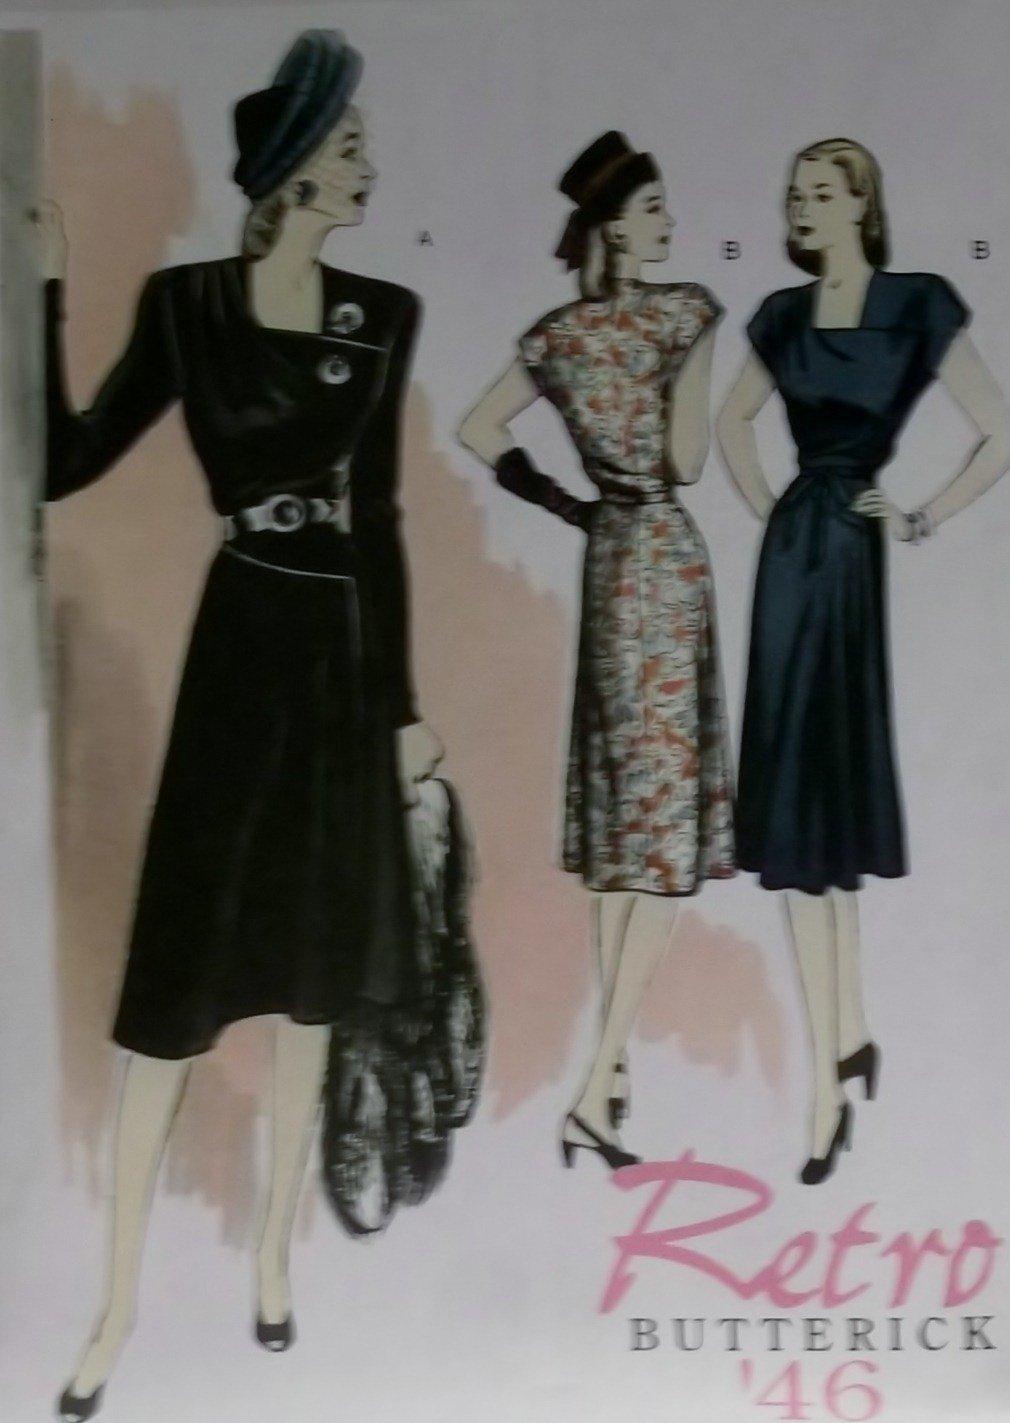 Easy Retro Butterick B5281 Patterns  Misses' Dress, Sizes 6, 8, 10, 12, UNCUT